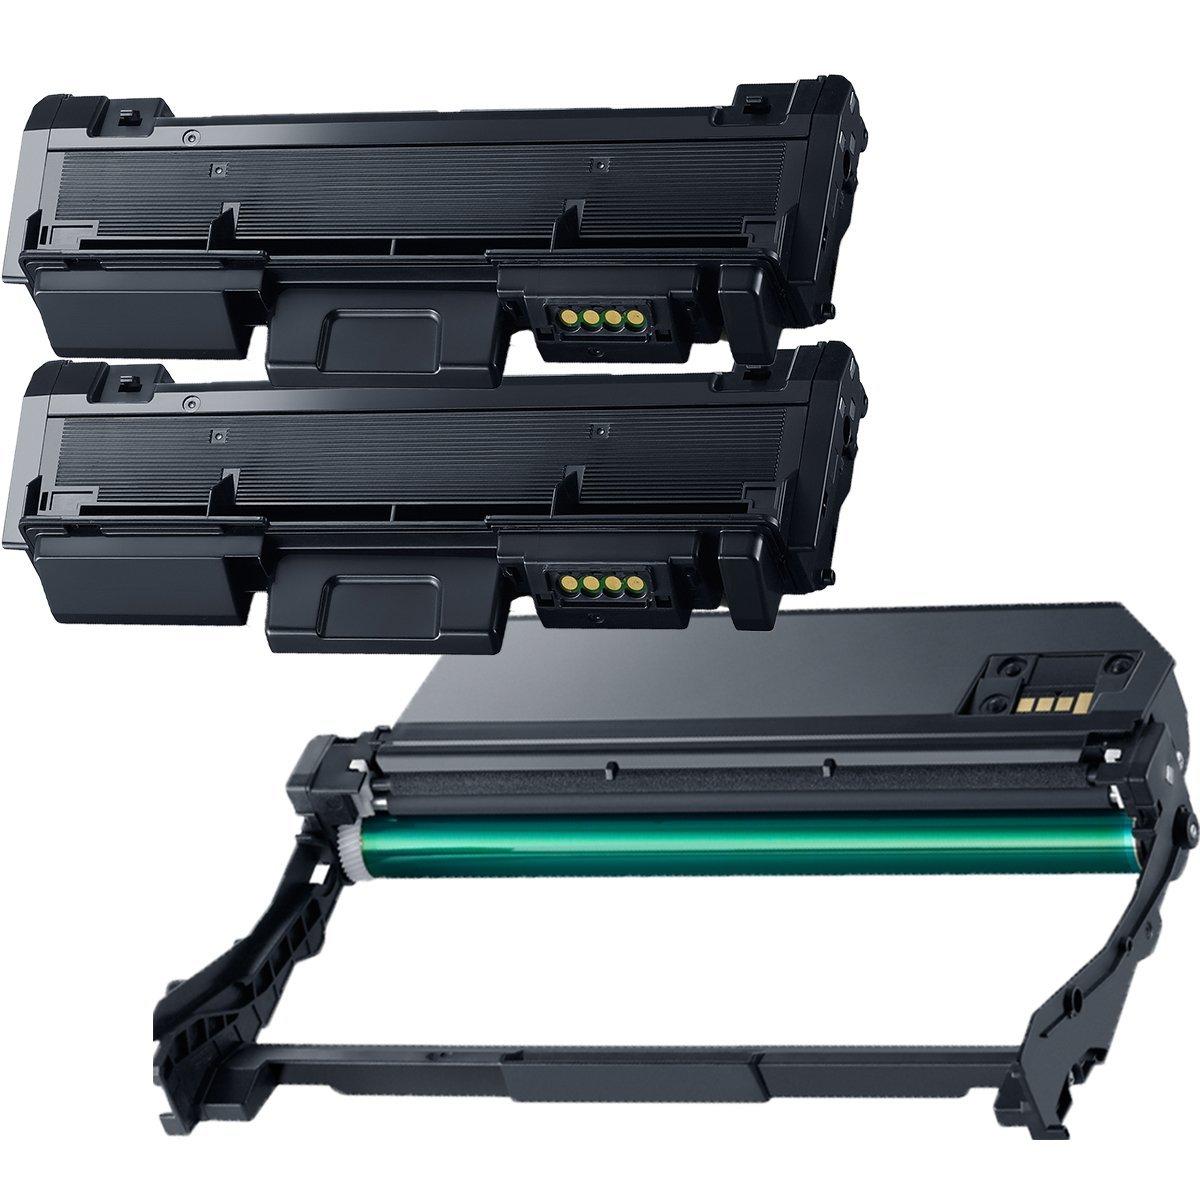 (1 Drum + 2 Toner) Inktoneram toner cartridges & drum Replacement for Samsung D116L R116 MLT-R116 MLT-D116L Xpress M2875 M2875FD M2876 M2625 M2625D M2626 M2825DW M2825ND M2826 M2675 M2675FN M2676